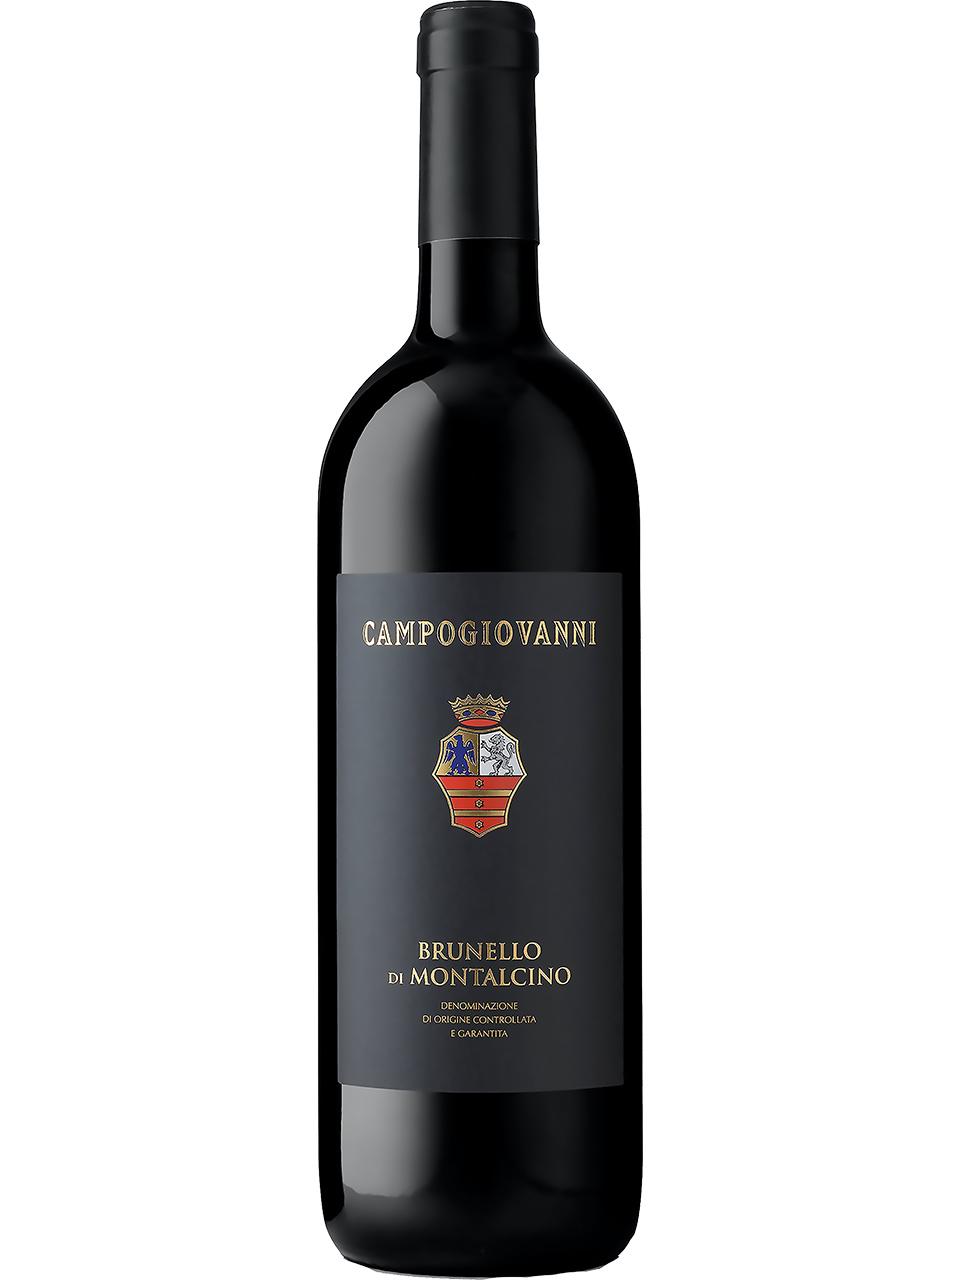 Campogiovanni Brunello di Montalcino DOCG